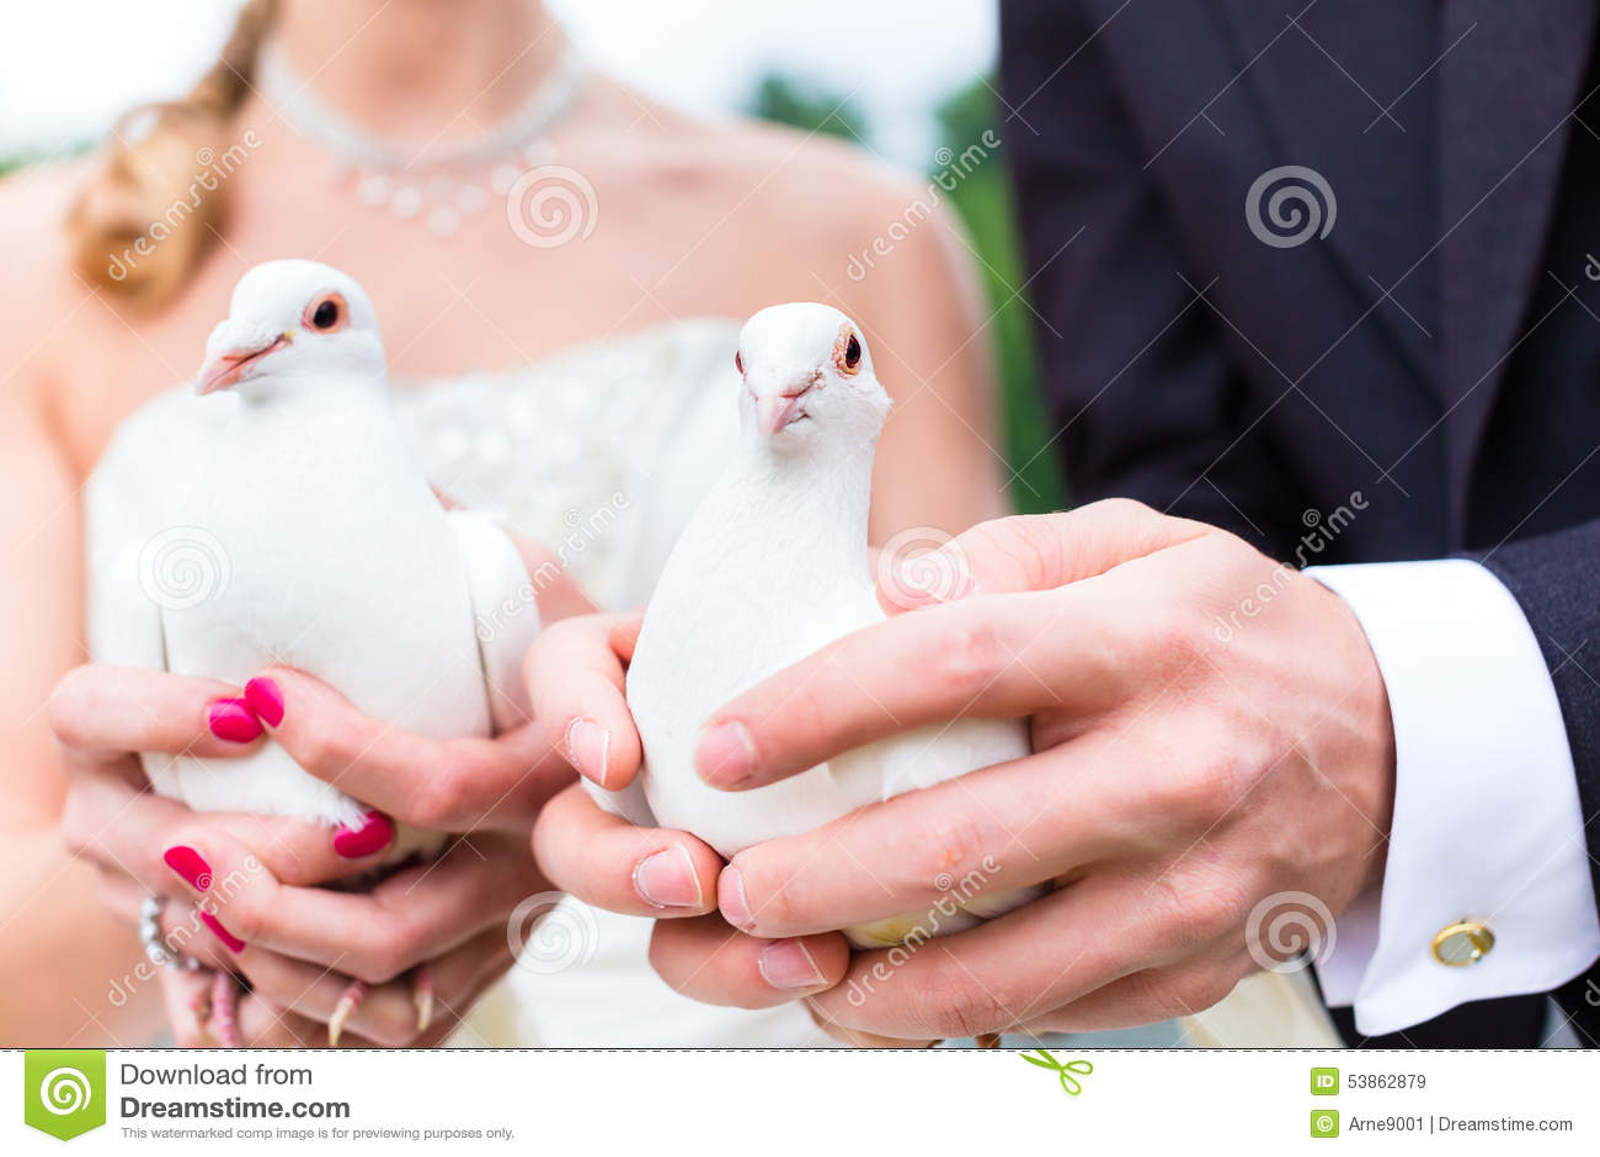 Brautpaare An Der Hochzeit Mit Tauben Stockbild - Bild von fliege ...